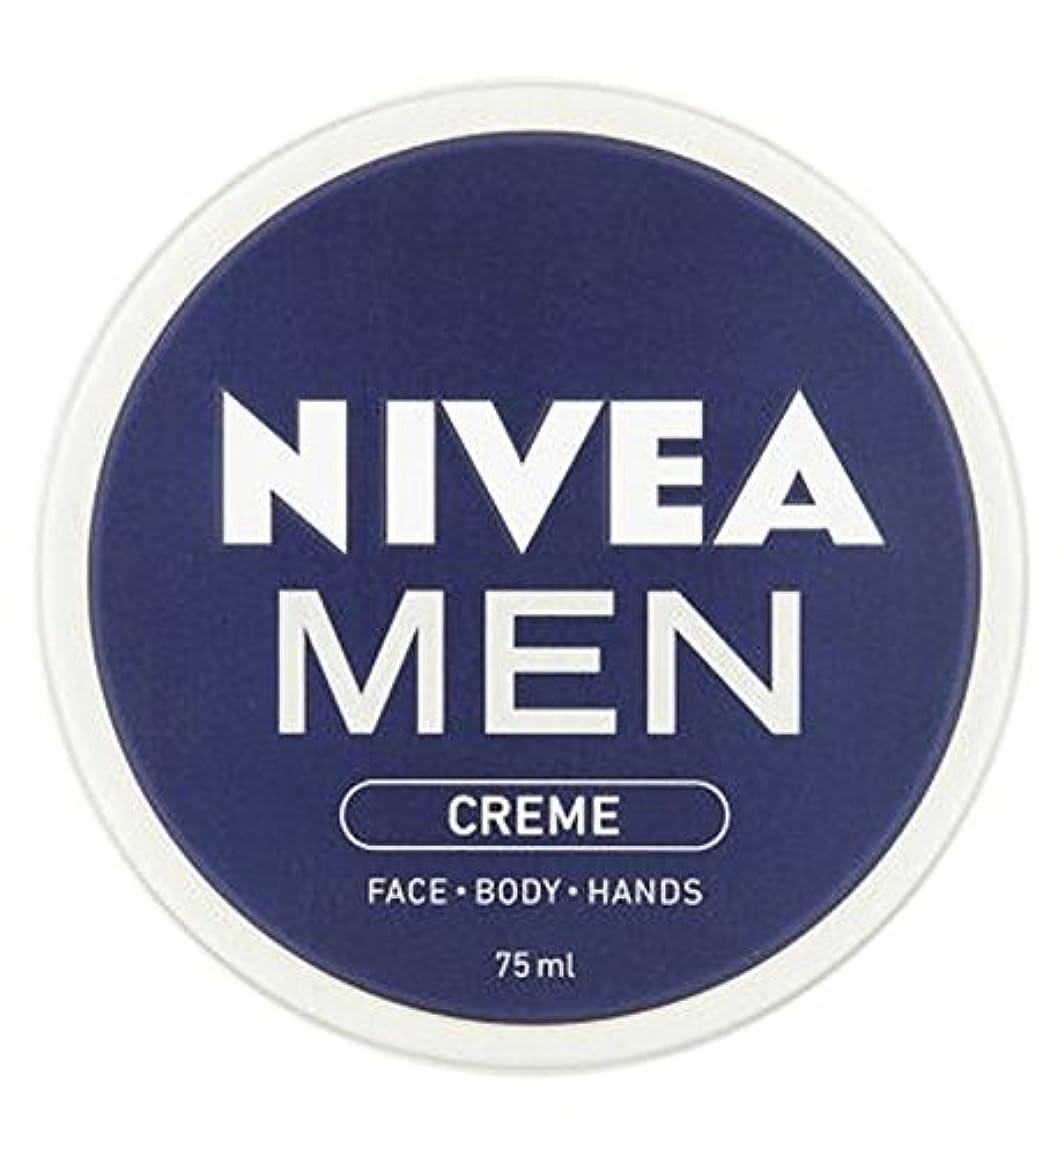 用心ペチコート平行NIVEA MEN Creme 75ml - ニベアの男性は75ミリリットルをクリーム (Nivea) [並行輸入品]